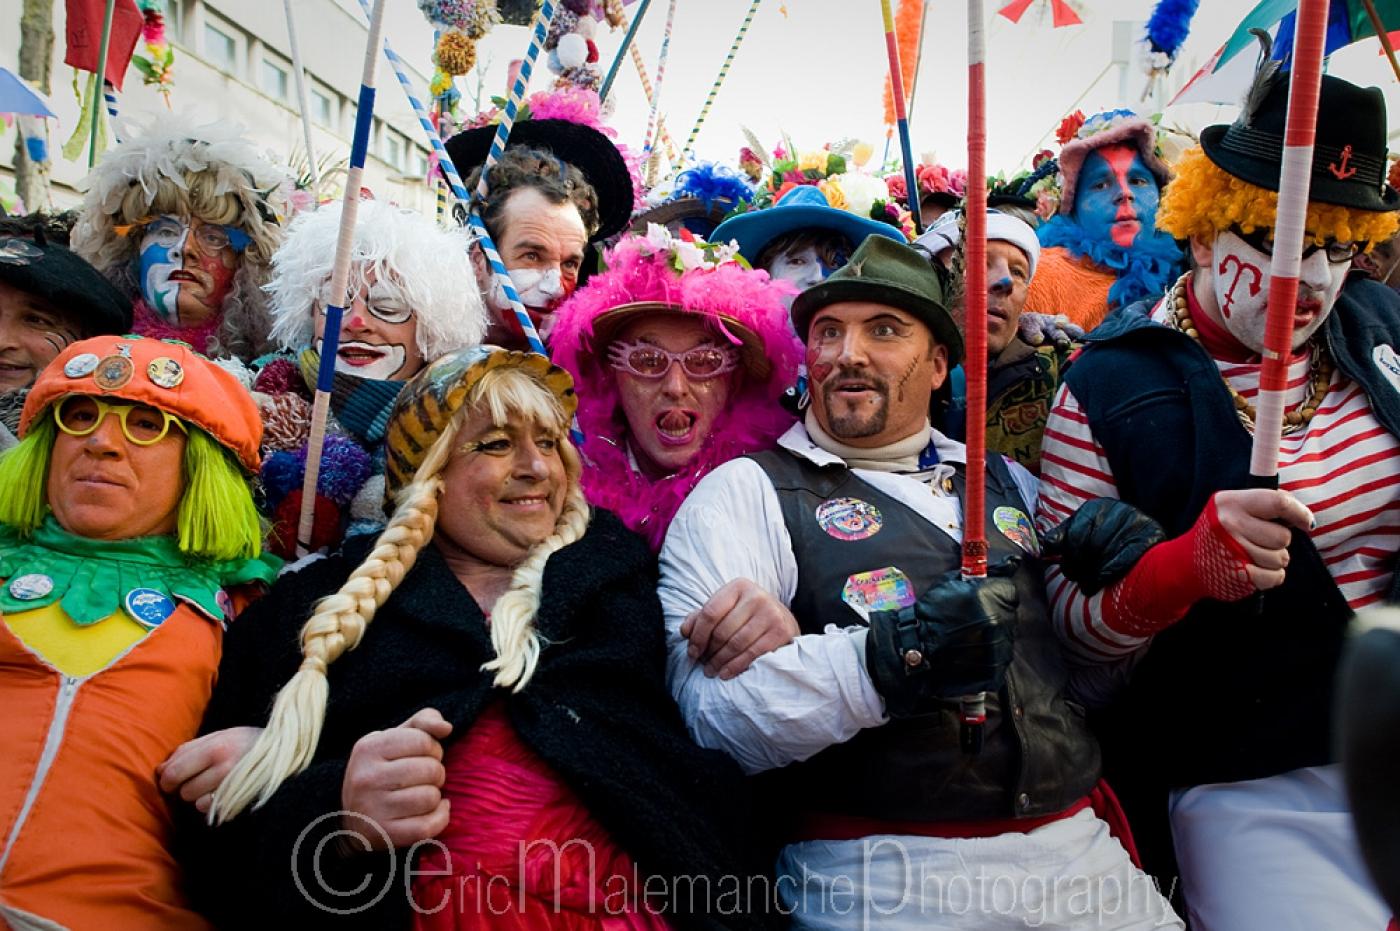 https://www.ericmalemanche.com/imagess/topics/carnaval-de-dunkerque/liste/Carnaval-Dunkerque-1449.jpg